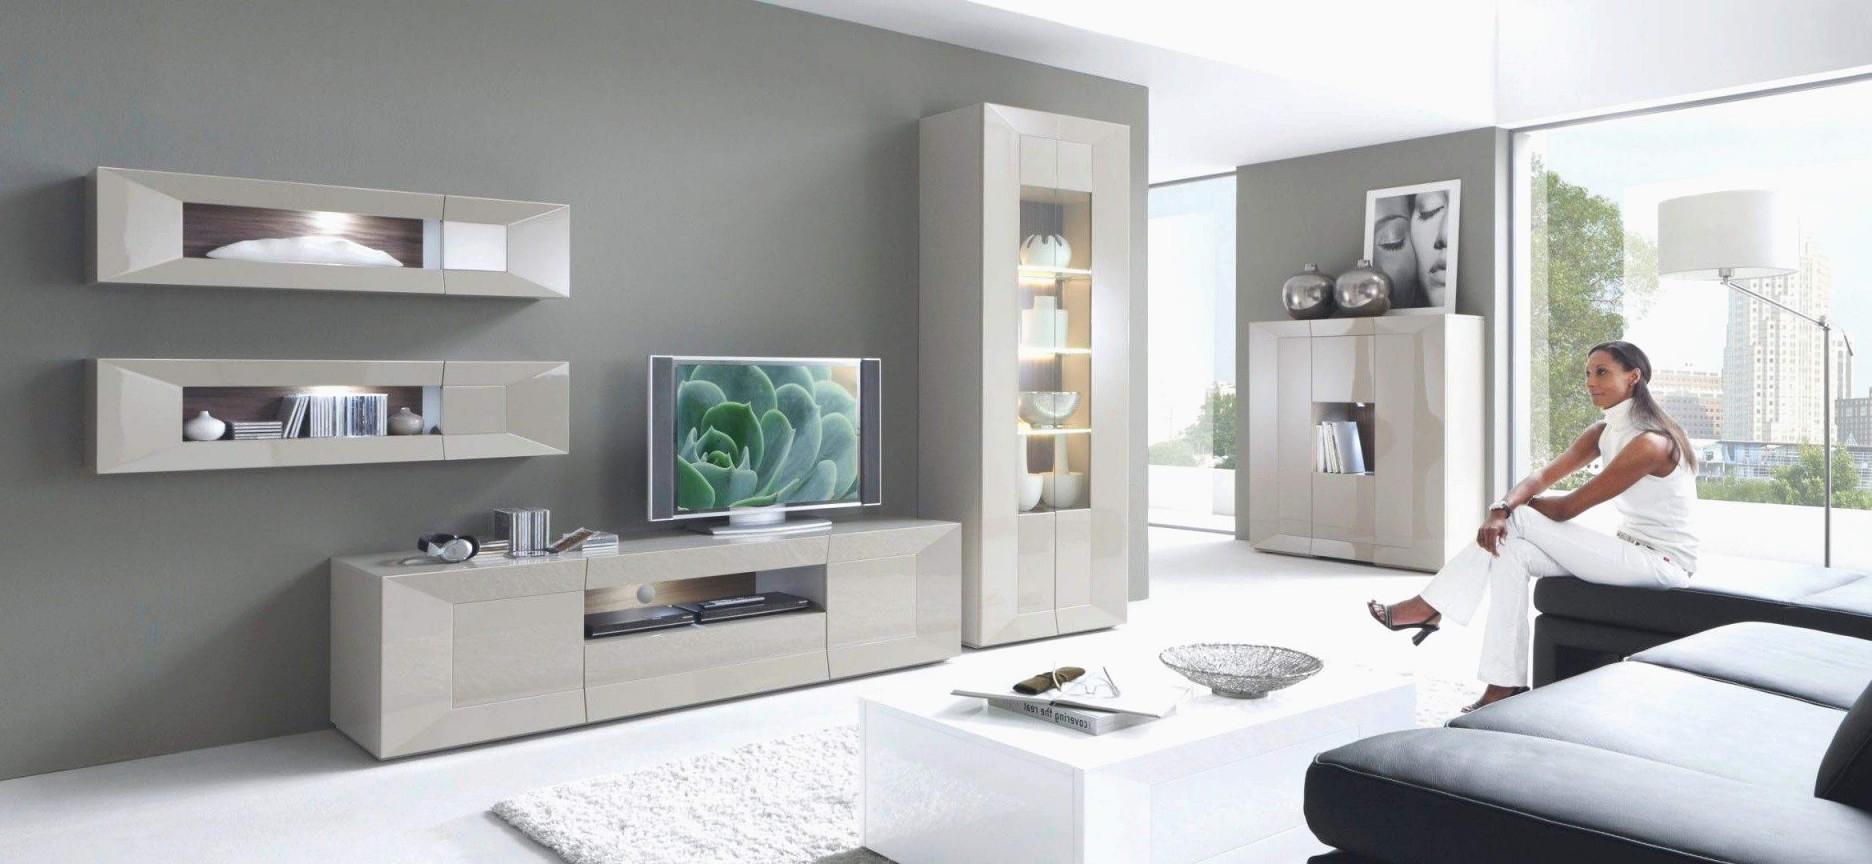 26 Neu Wohnzimmer Ideen Farbe Schön  Wohnzimmer Frisch von Farben Wohnzimmer Ideen Bild